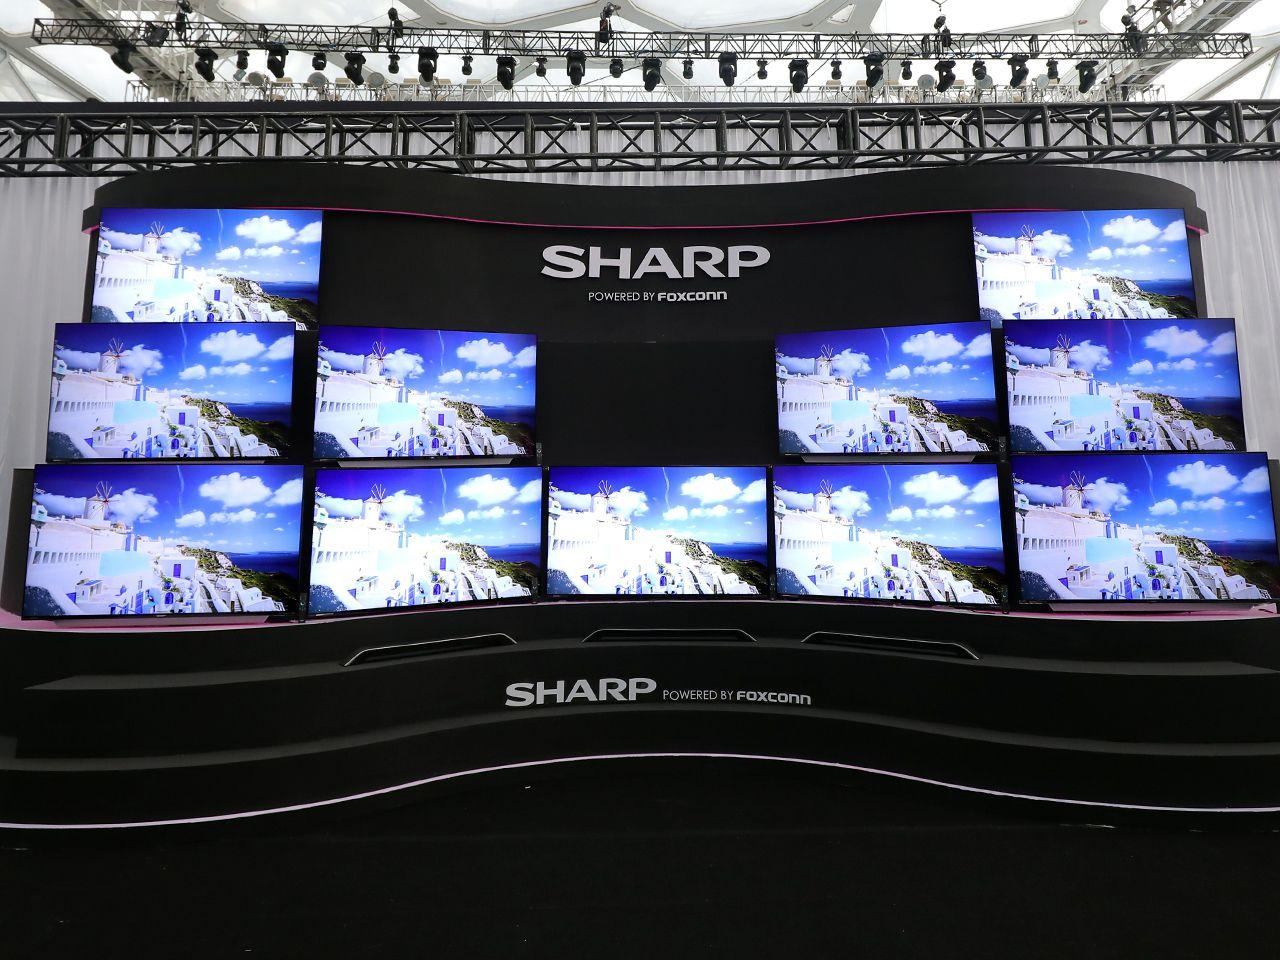 电视墙来啦。AQUOS夏普旷视系列发布两款产品:S60一体机和S60U分体机,屏幕尺寸为60英寸。颠覆视界的超窄边框,搭载夏普独有的新煌彩与广色域等核心显示技术,加之内嵌发烧级音频解码,为用户带来兼具现代美学、卓越画质、妙曼视听等立体视觉体验,堪称当今液晶电视的巅峰之作。